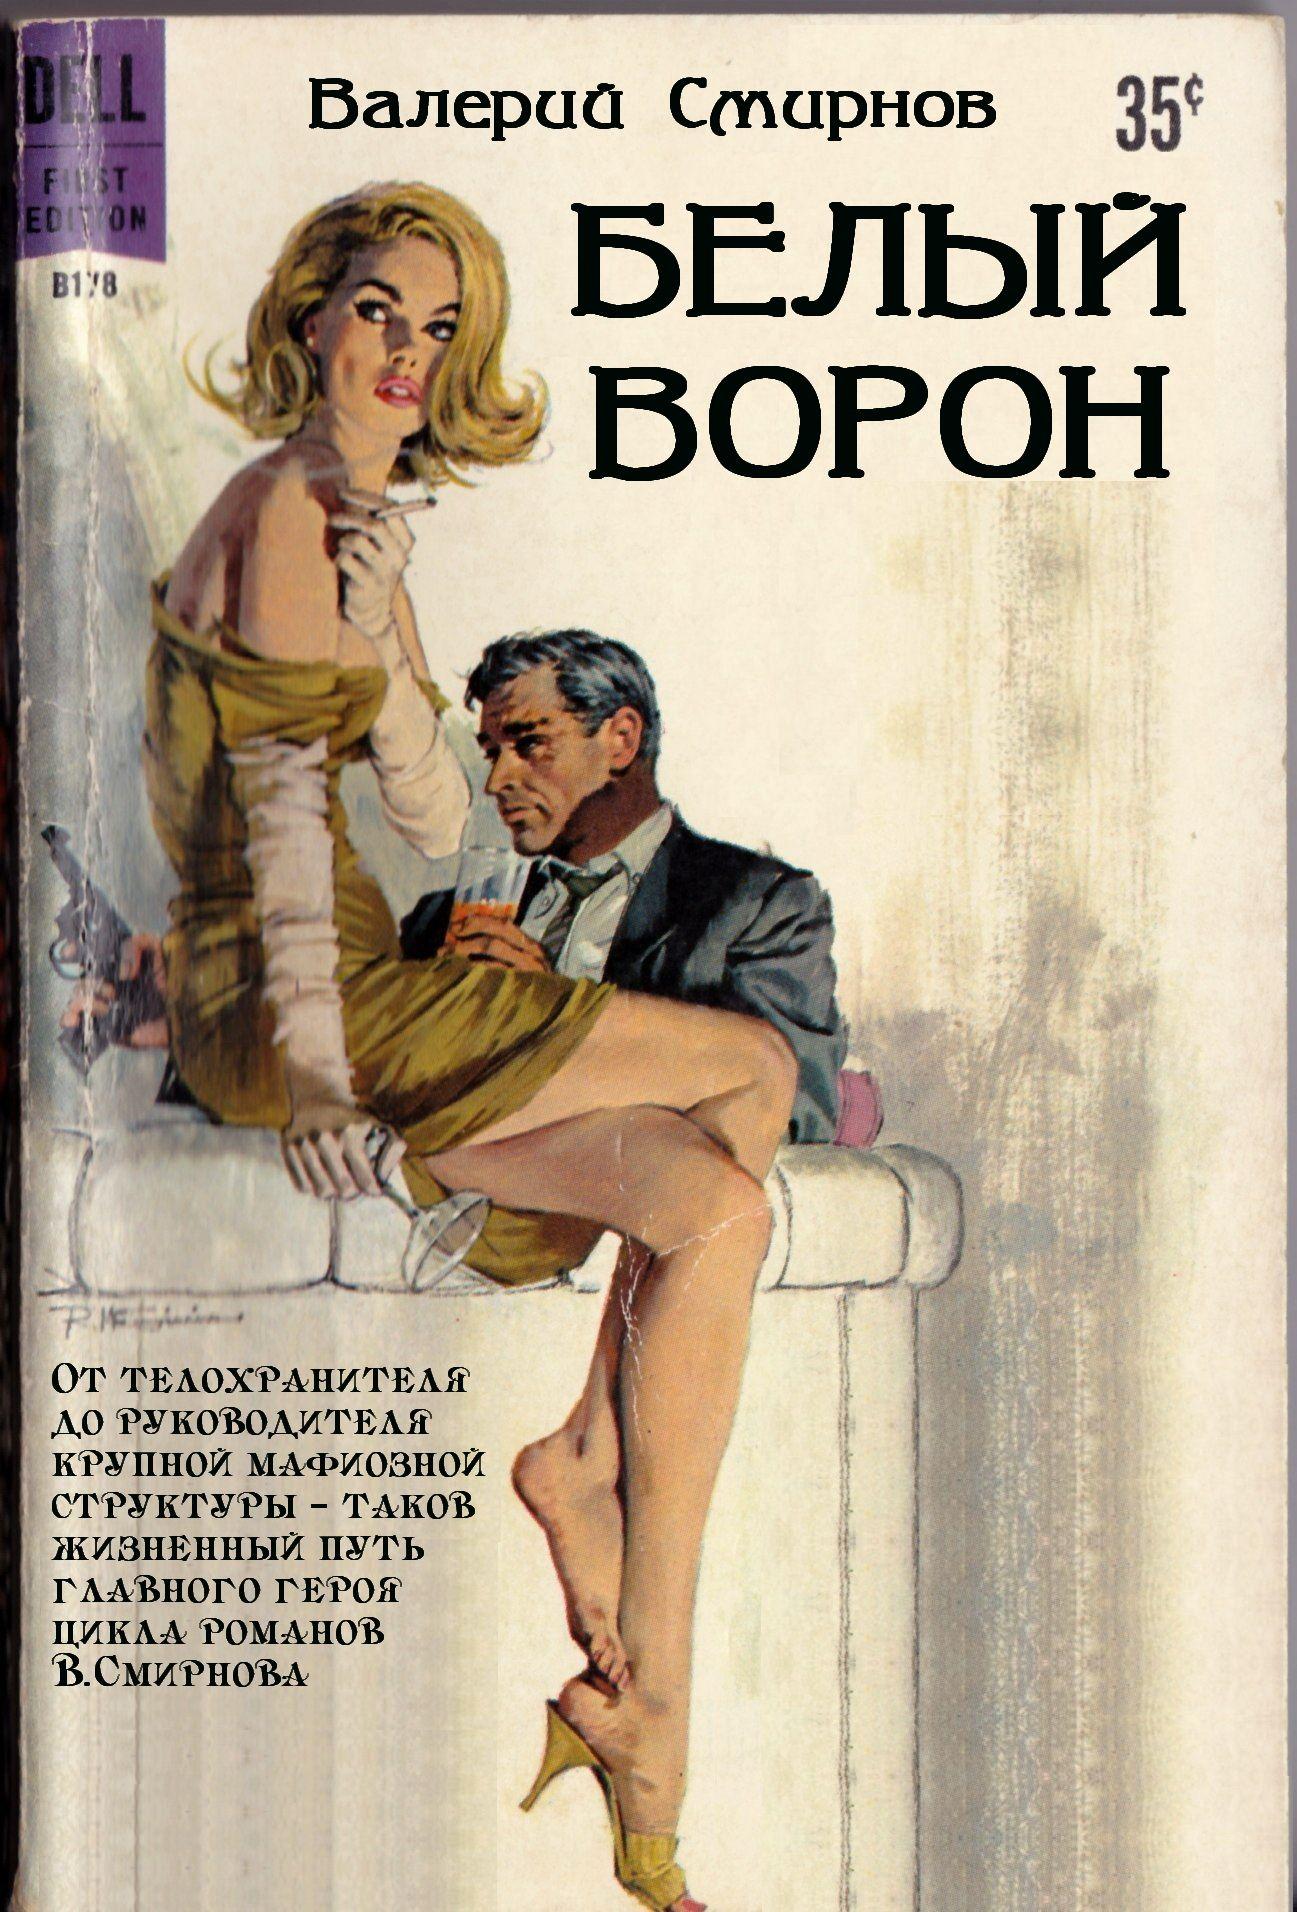 Смирнов валерий павлович скачать книги бесплатно